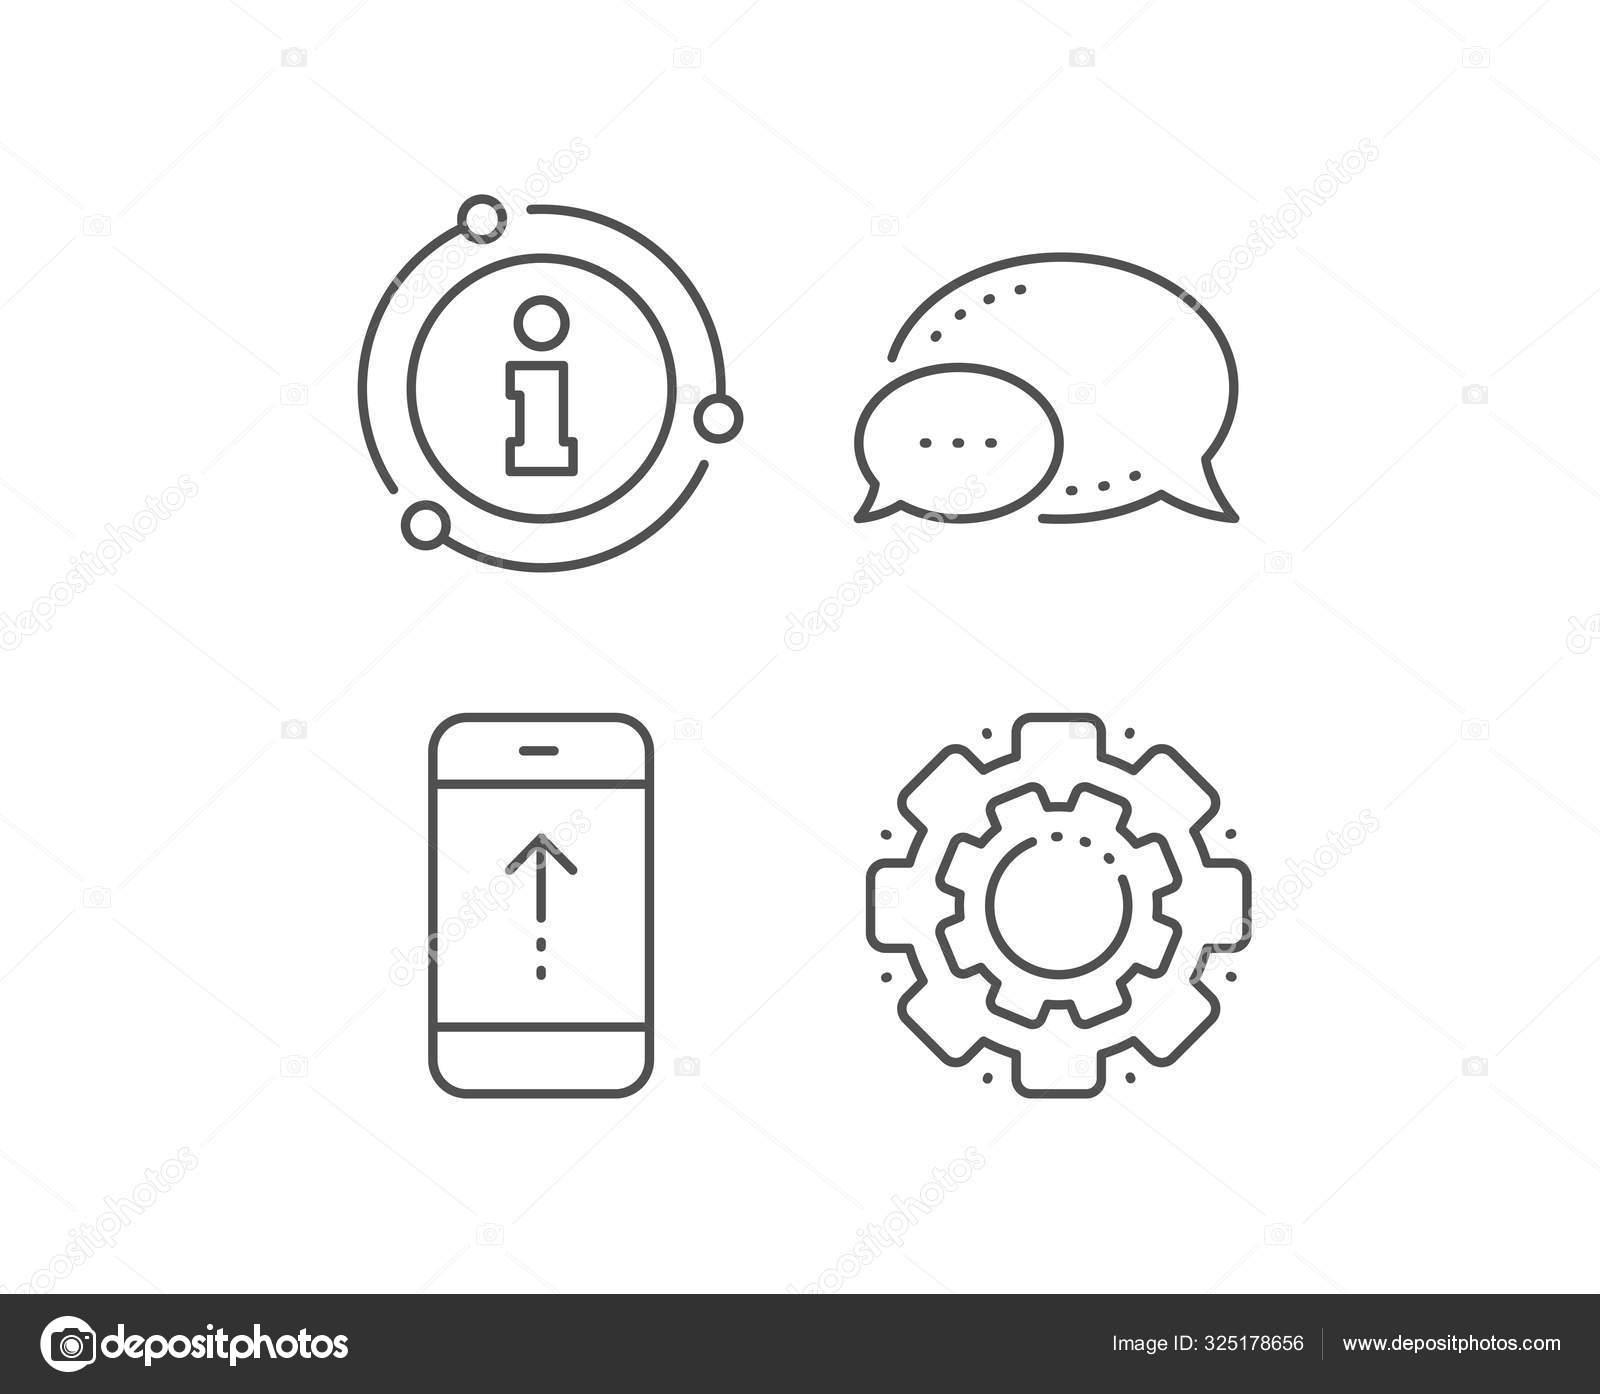 Chat zeichen bilder für Chatzeichen +